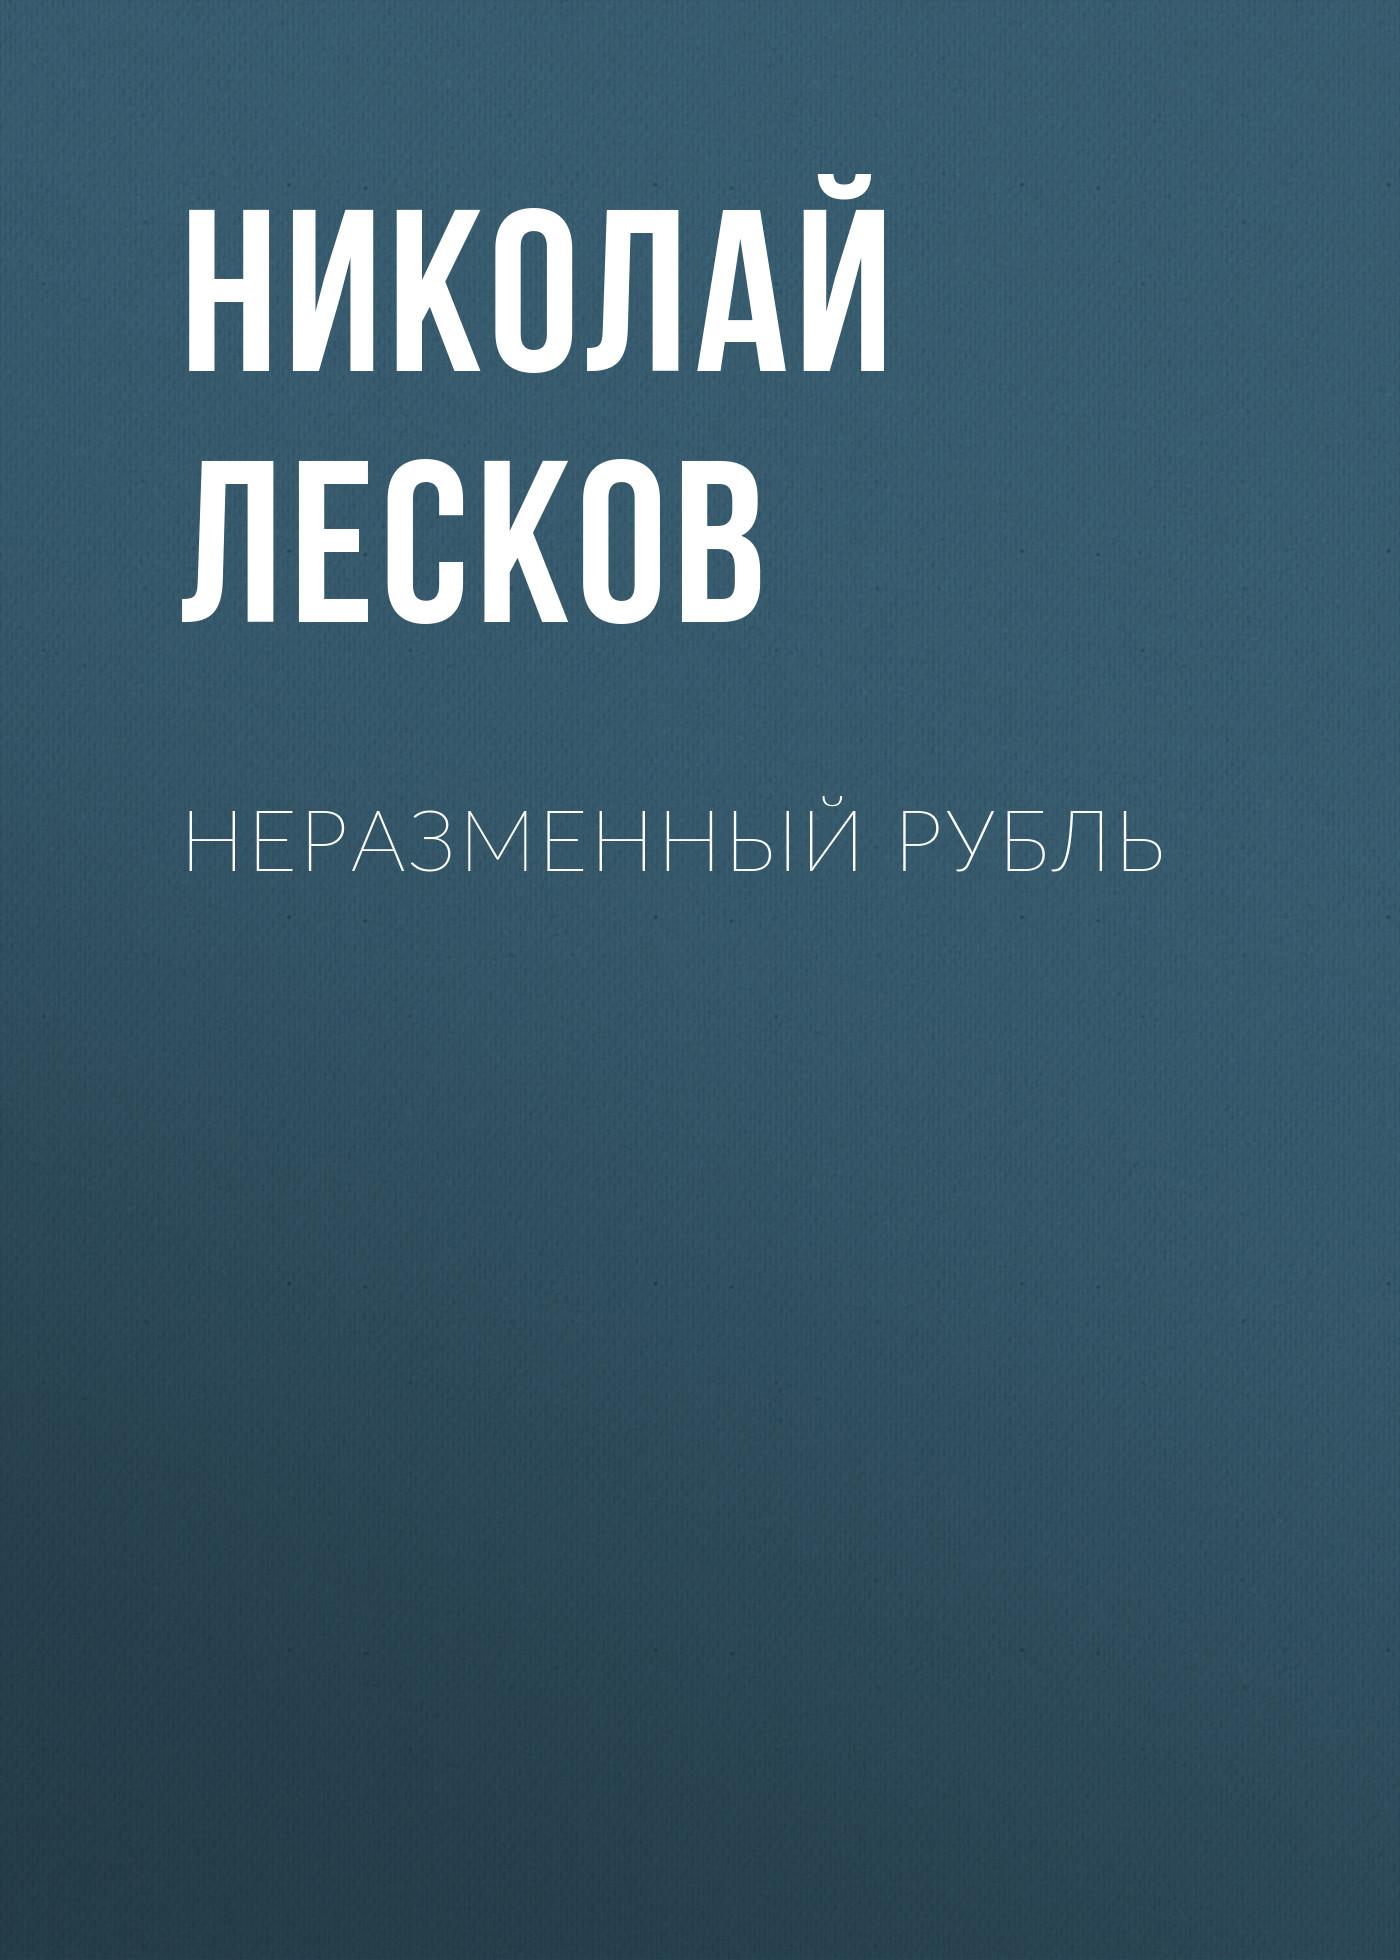 Николай Лесков Неразменный рубль лесков николай семенович неразменный рубль